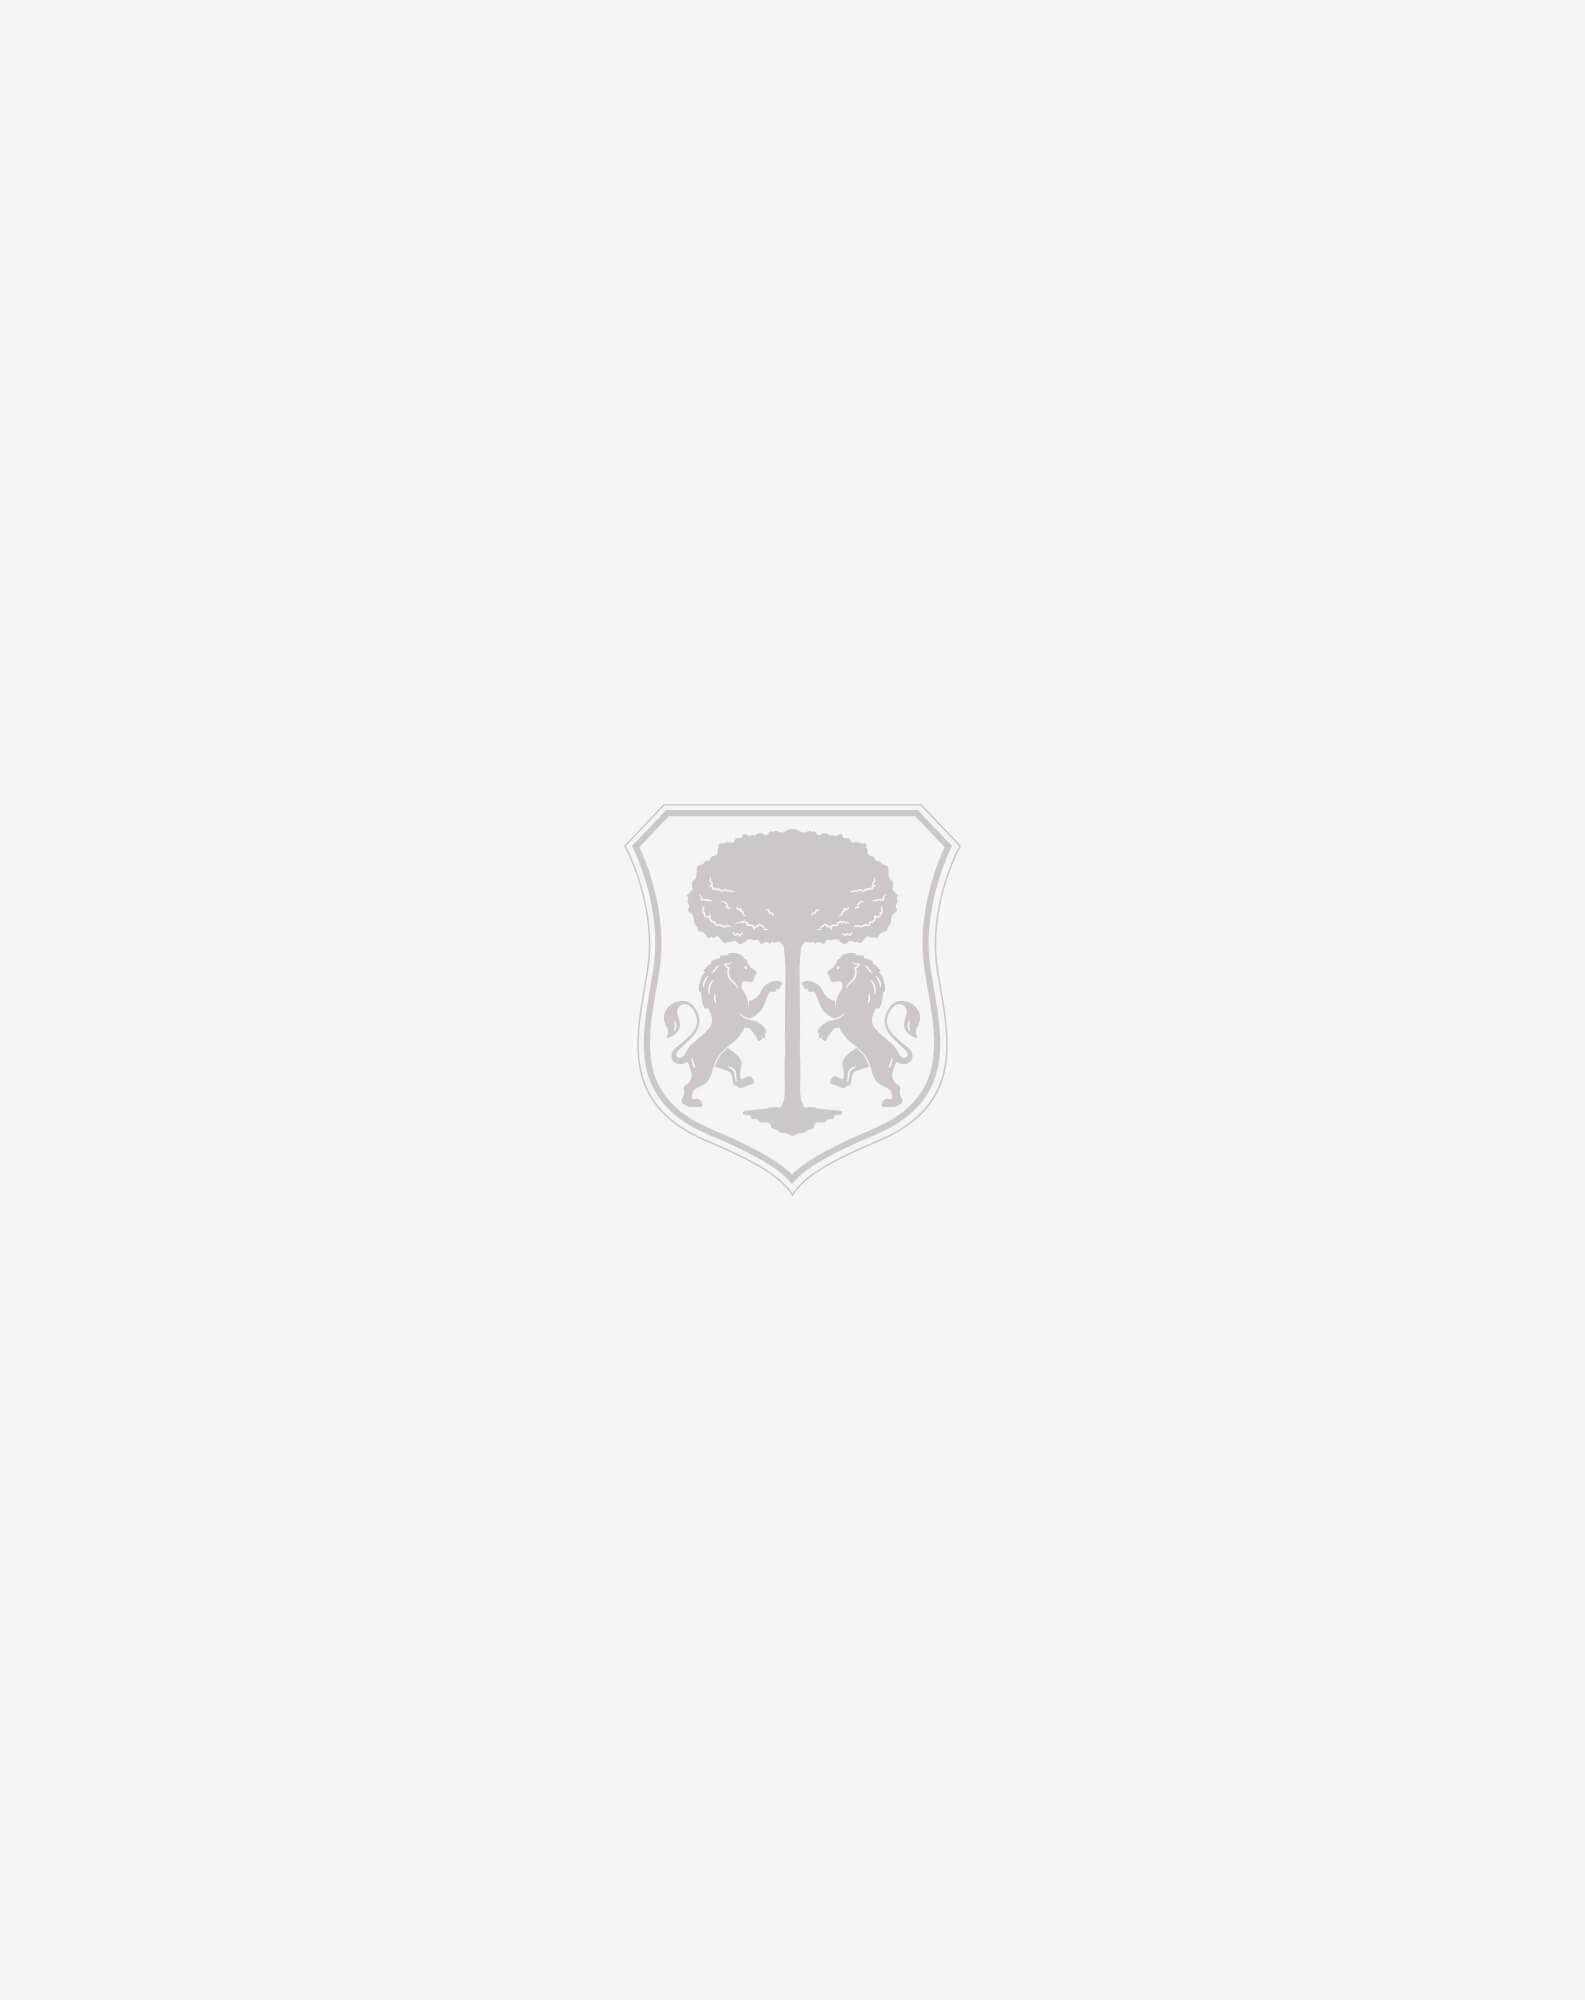 пиджак без подкладки из шерсти, шелка и льна